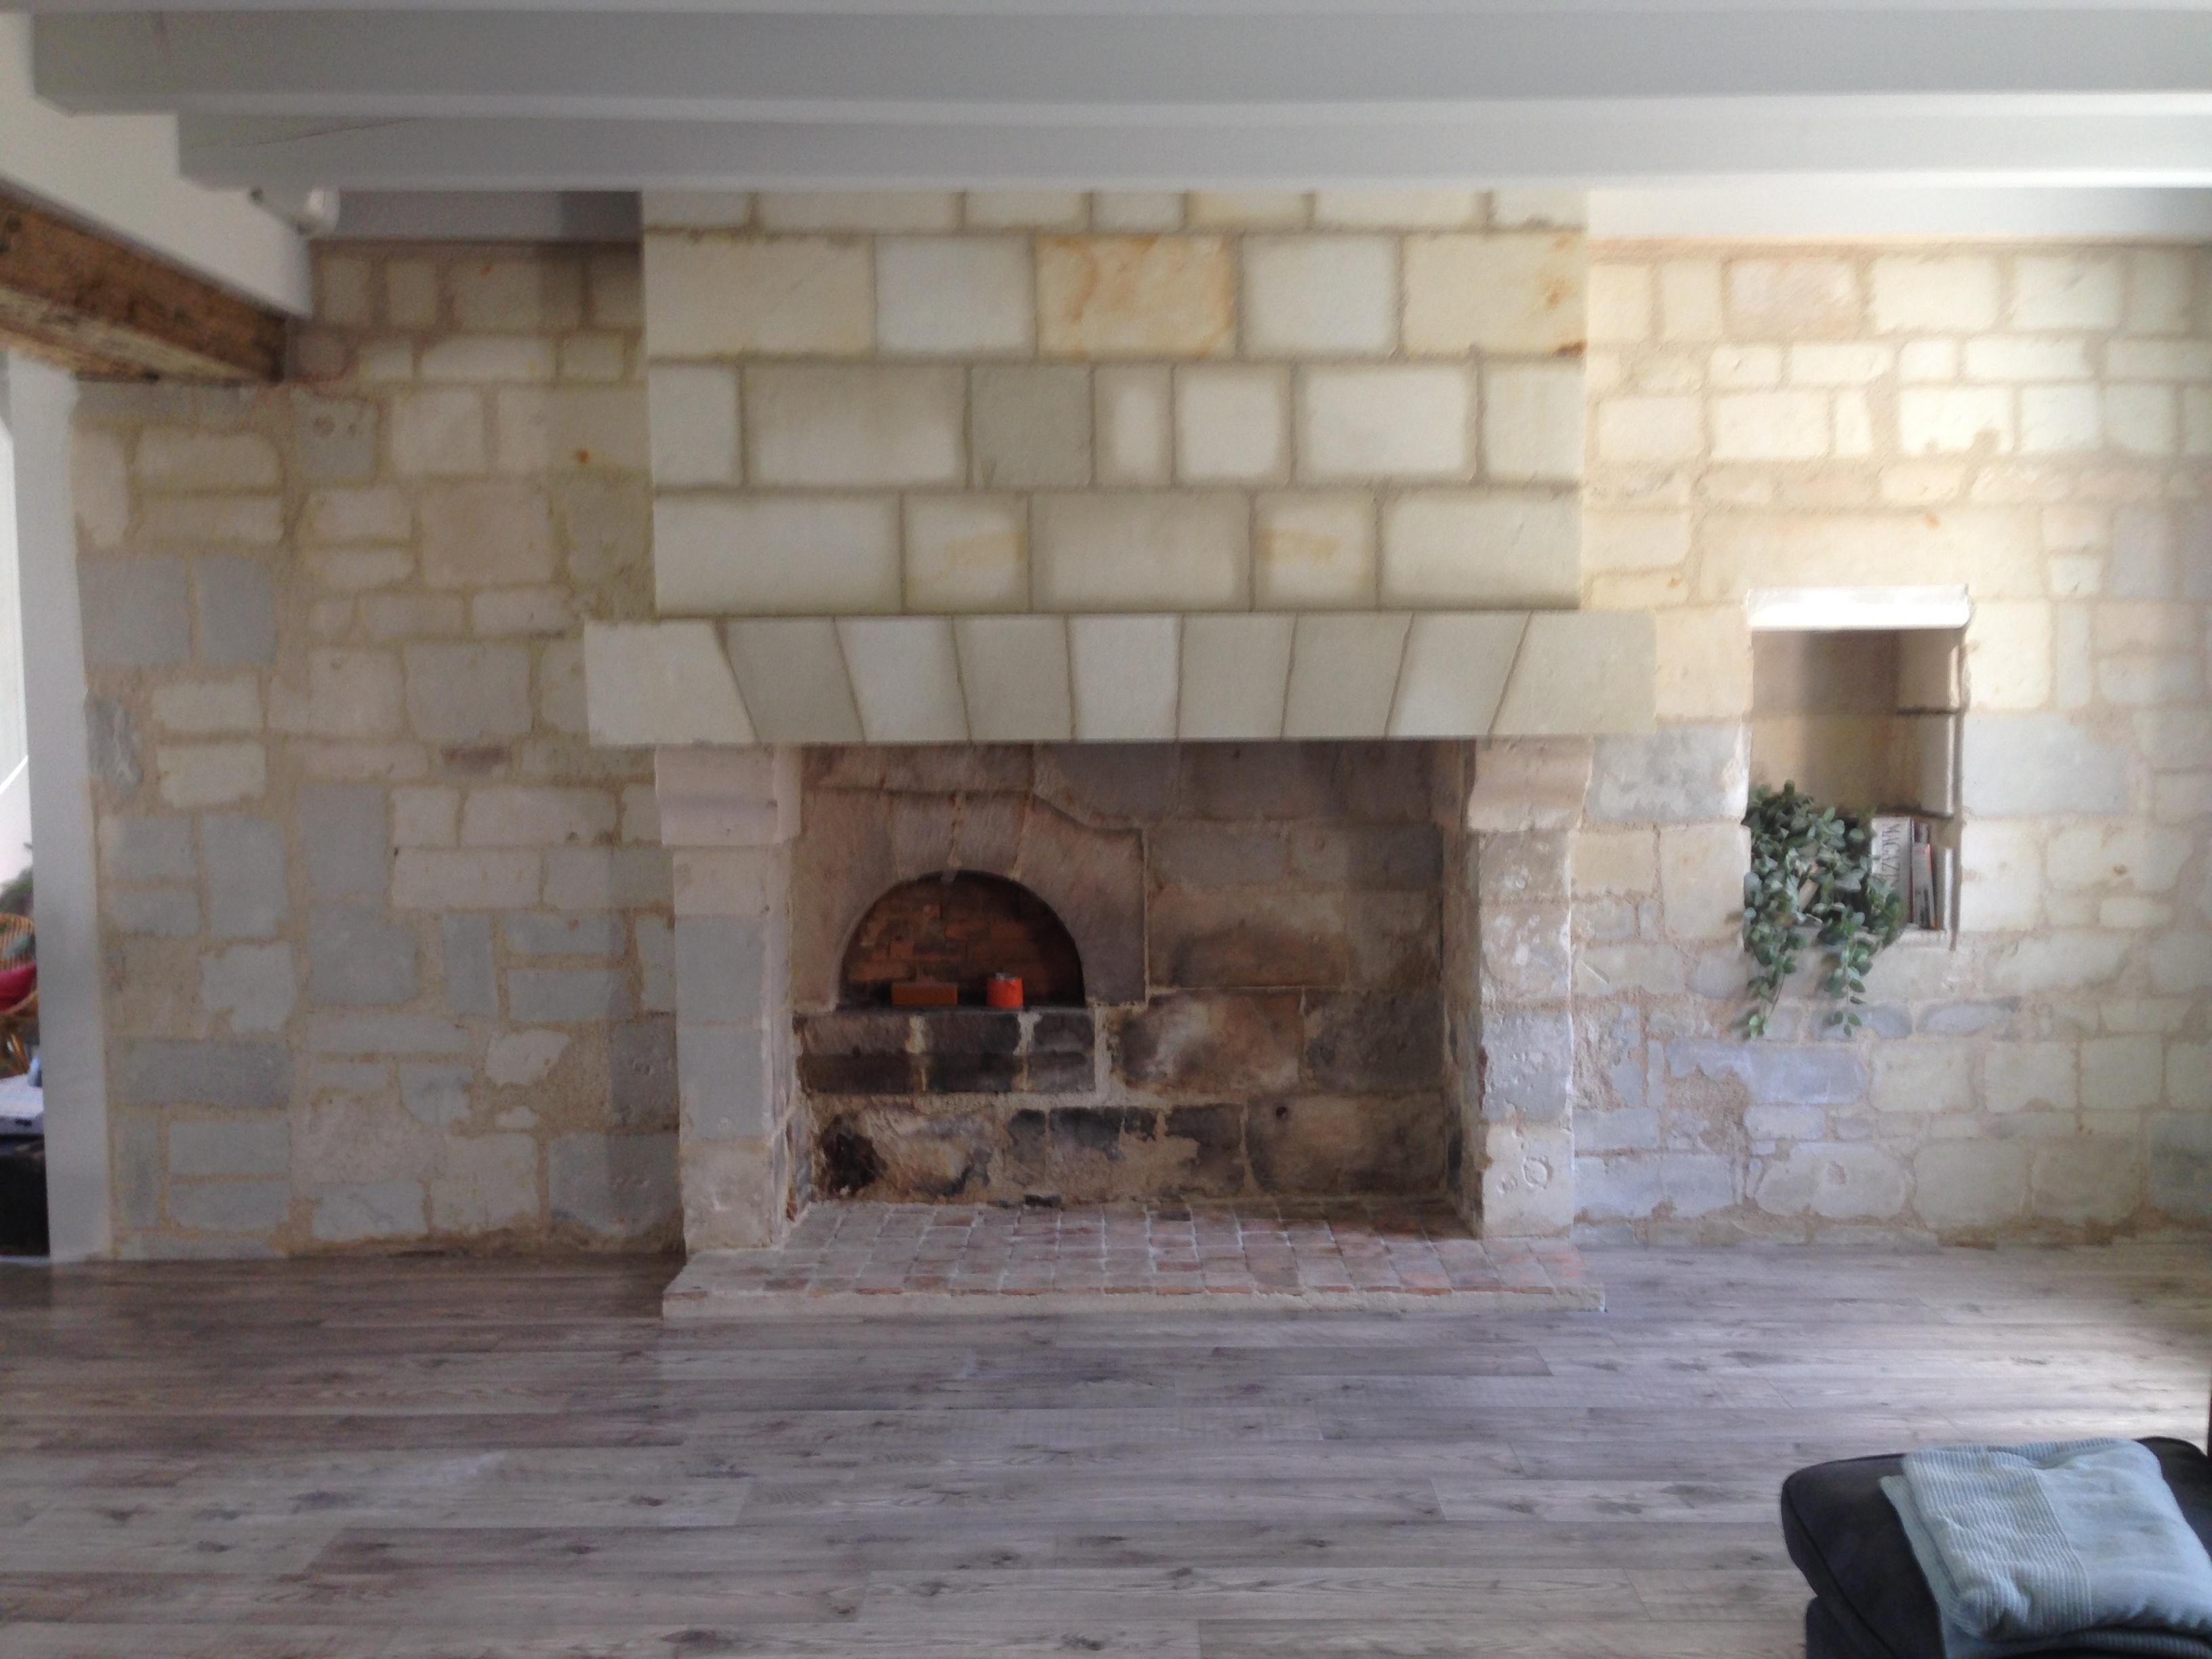 réfection des murs et de la cheminée